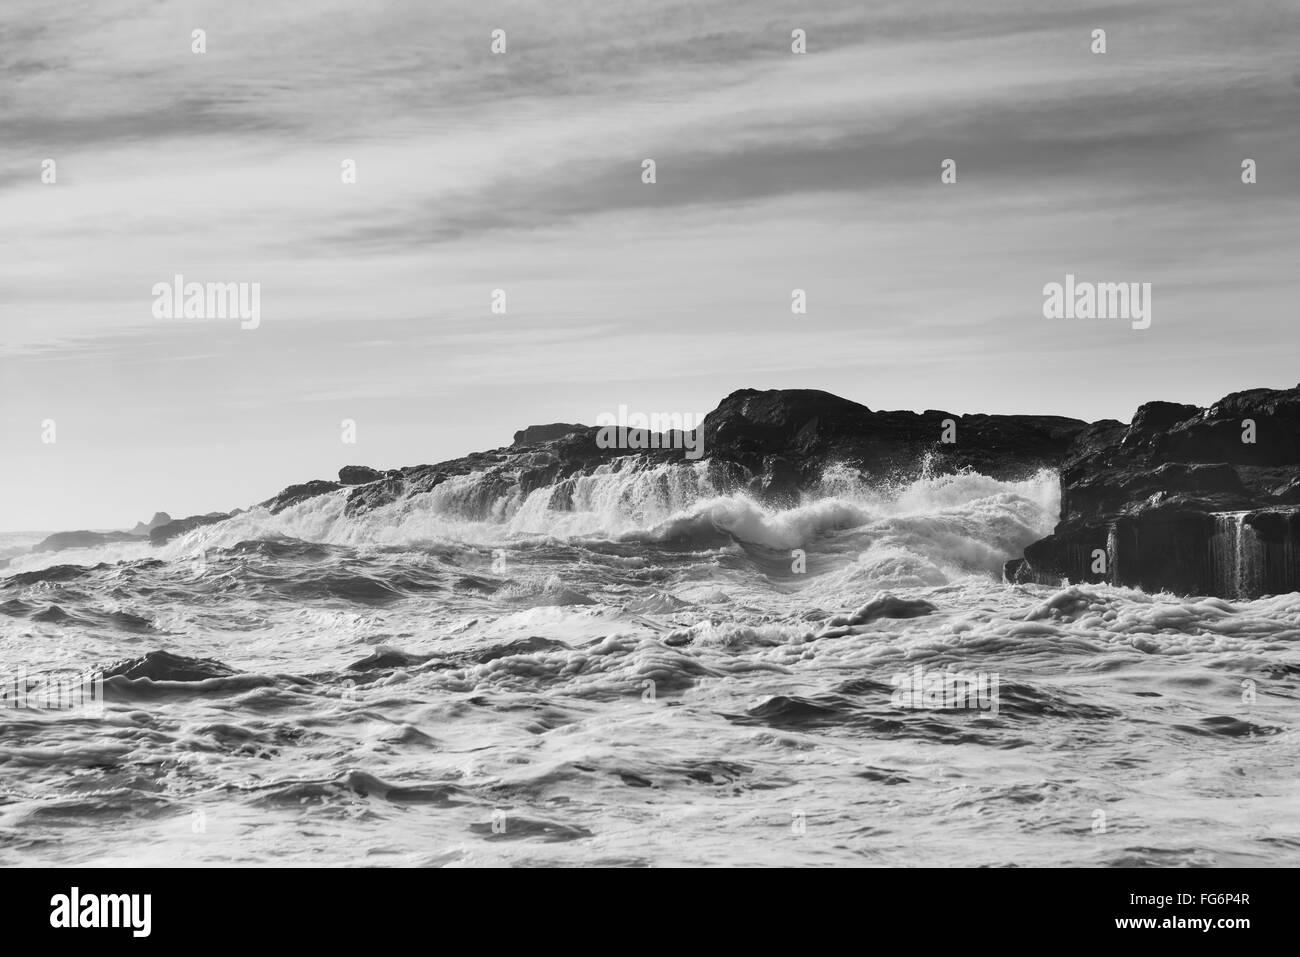 Waves splashing against rocks; Tofino, British Columbia, Canada Stock Photo